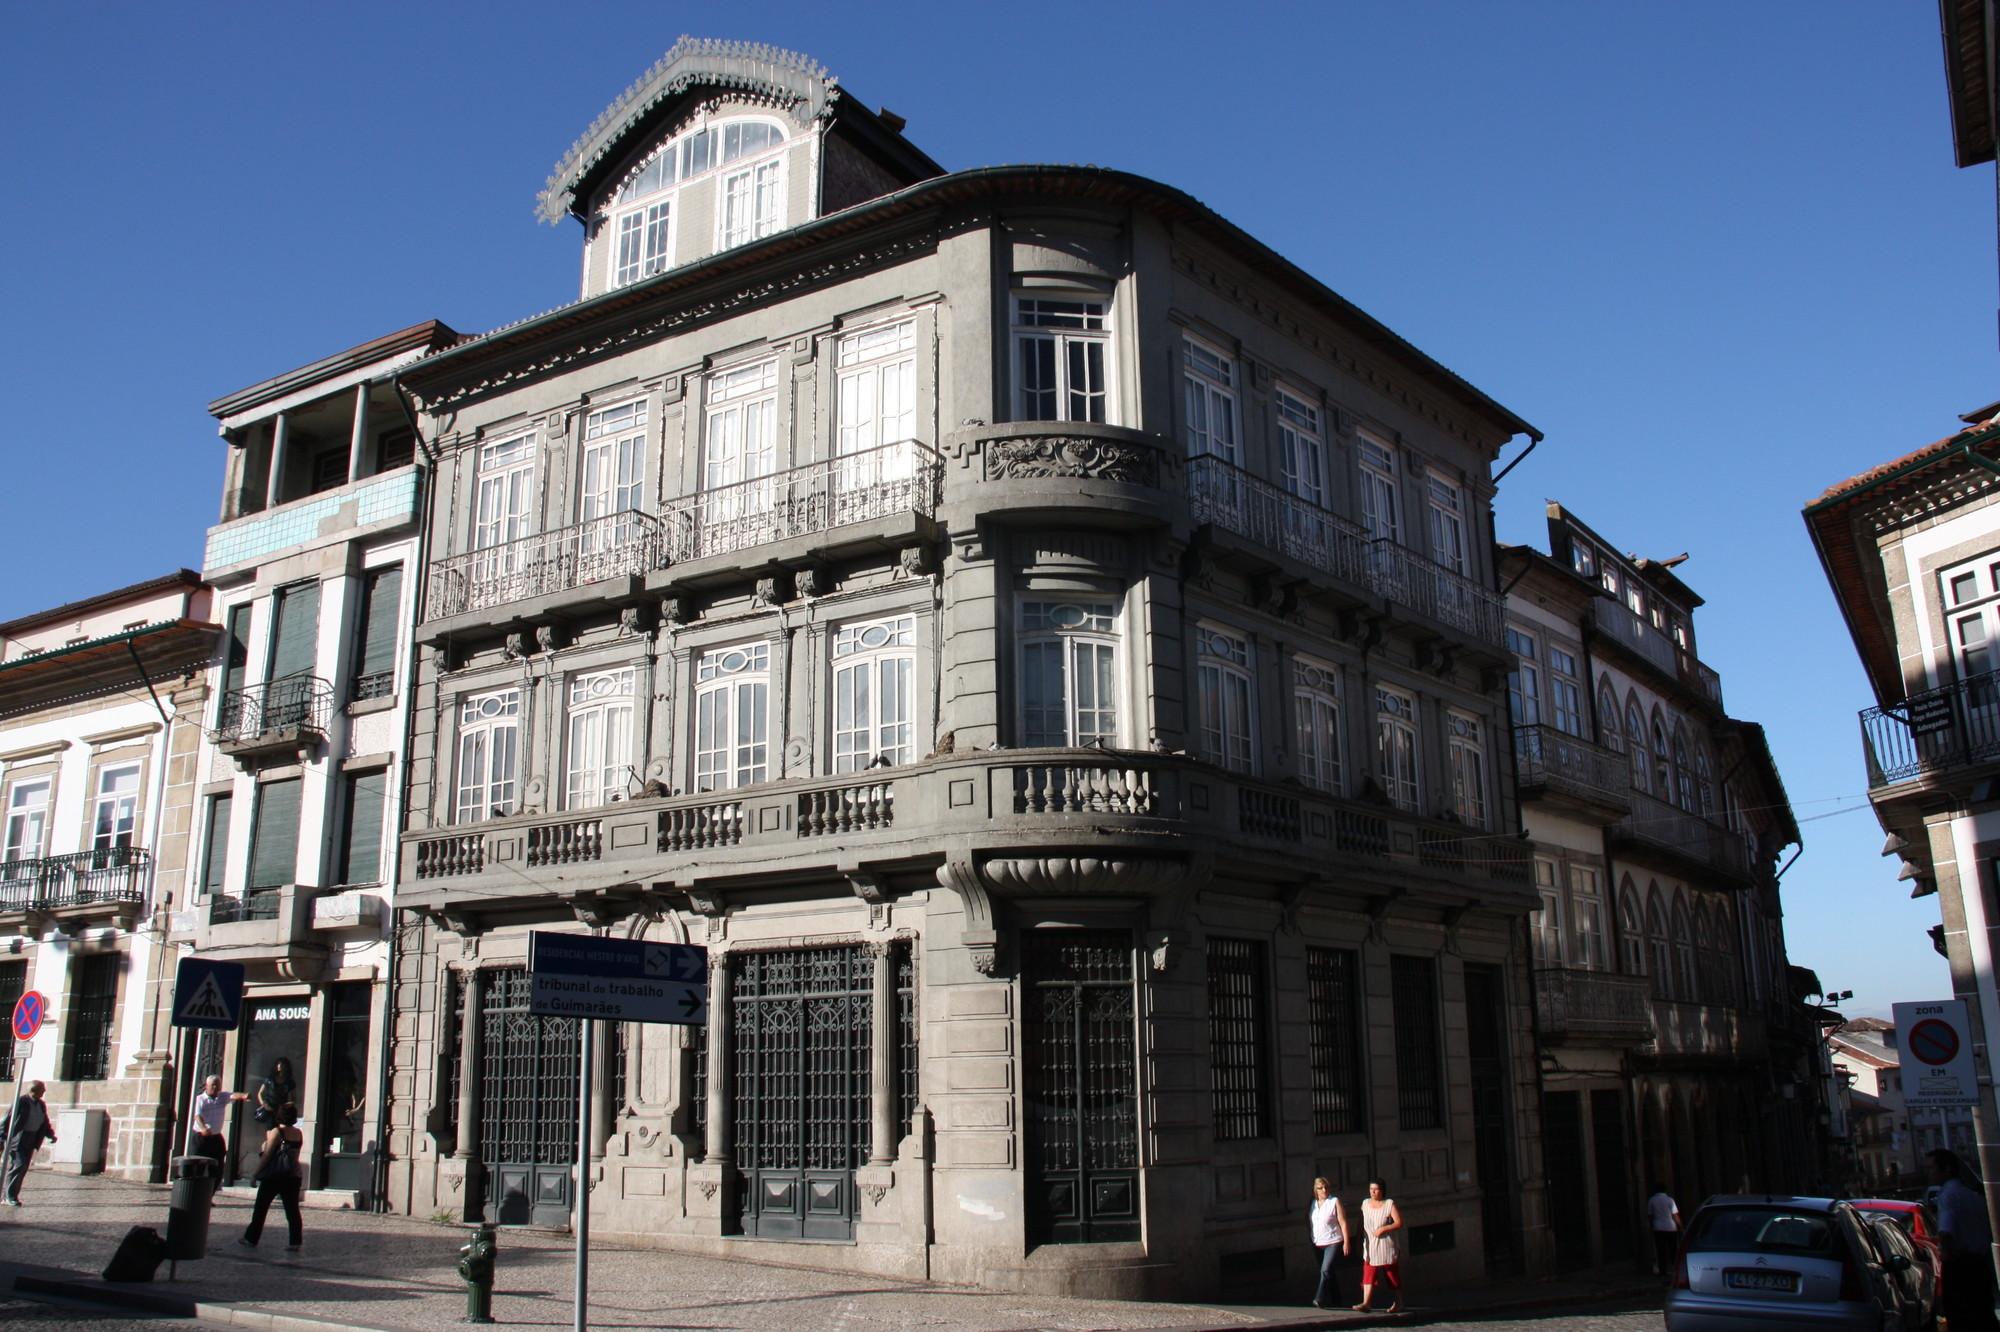 """Recuperação de conjunto histórico em Guimarães vence prêmio """"Reabilitação na Construção 2014"""", Conjunto com os edifícios A, B e C. Image Cortesia de José Rodrigues Lourenço"""